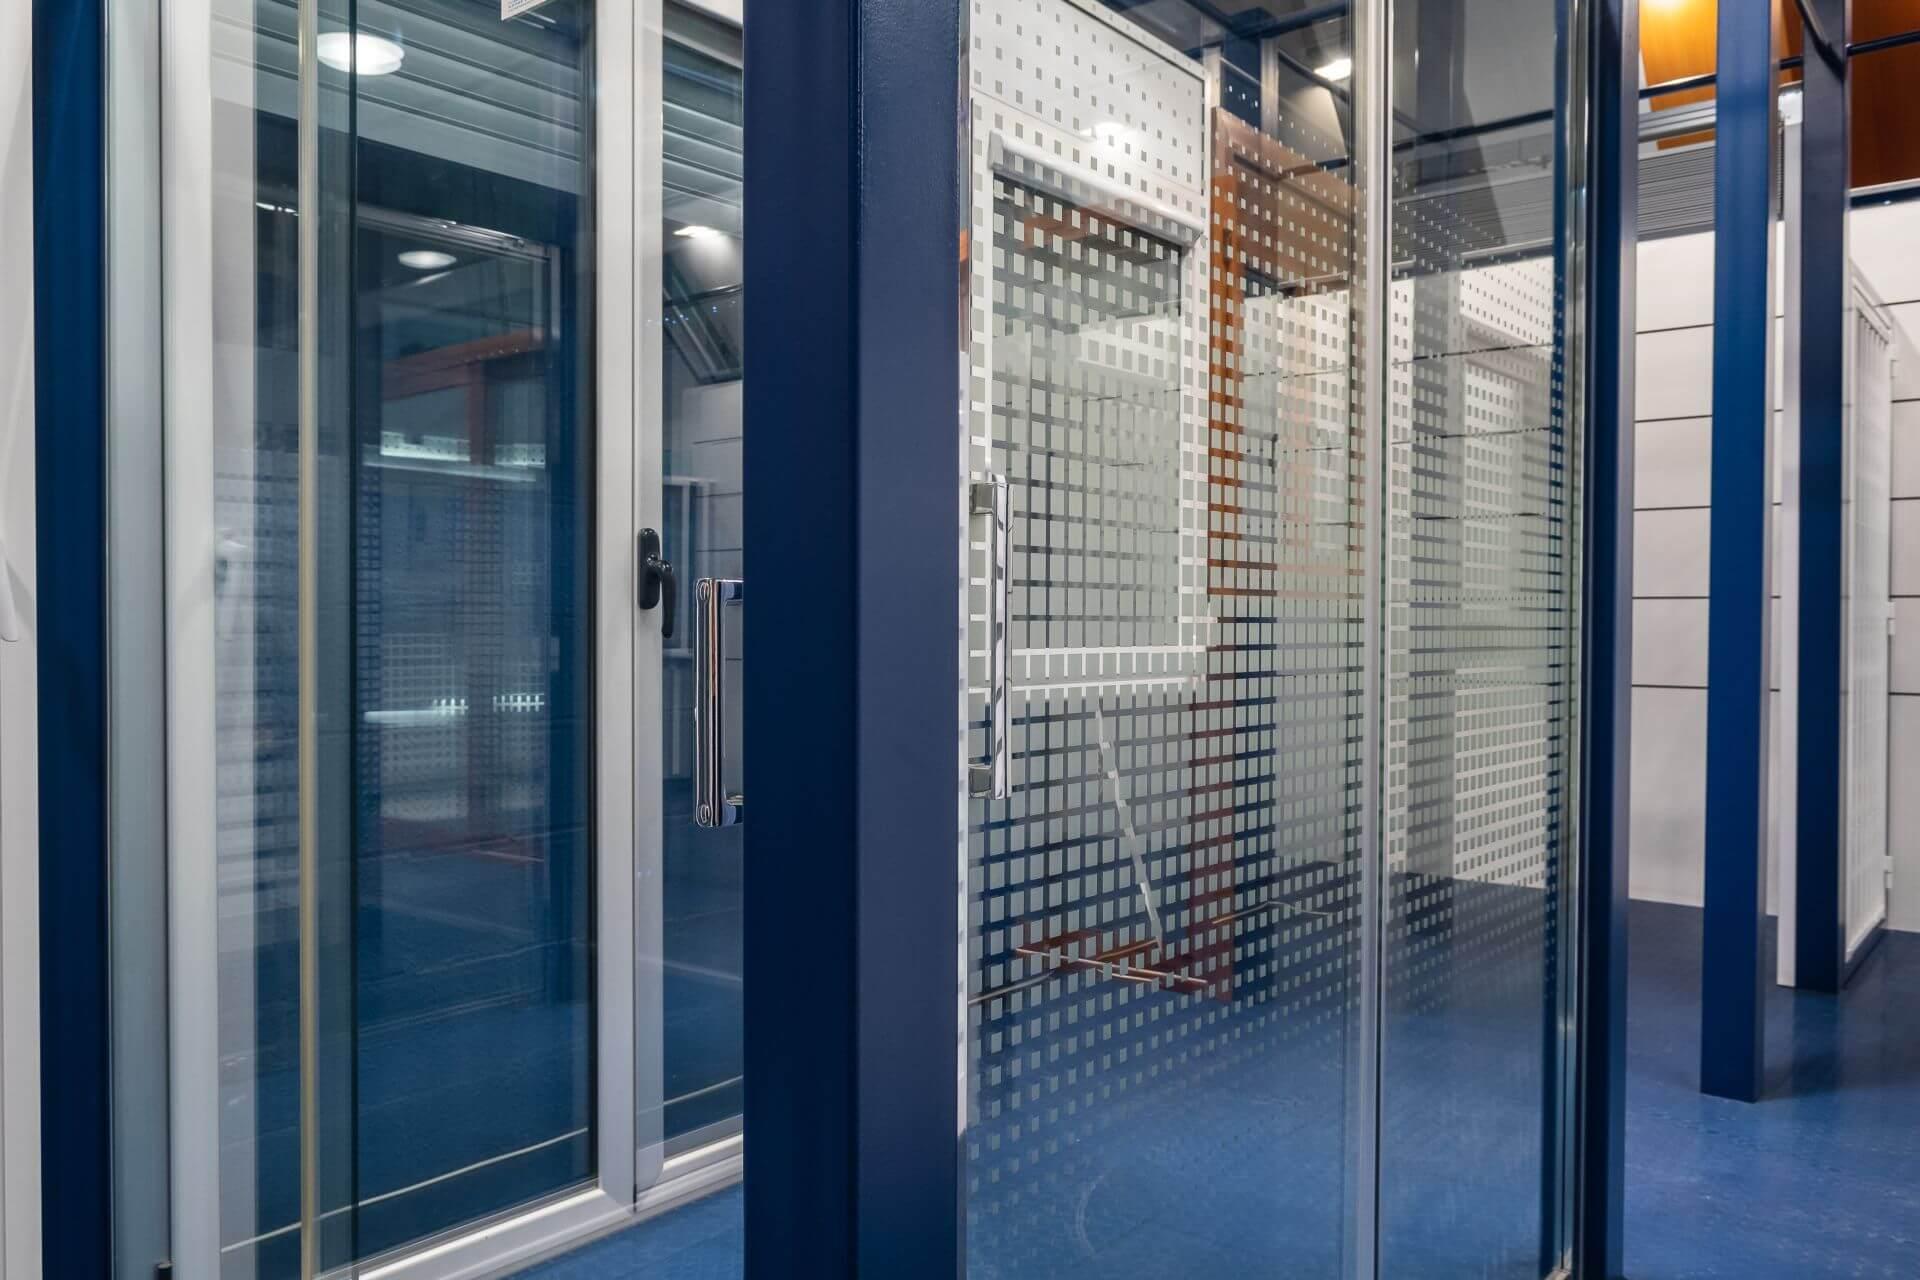 Exposición de aluminio y vidrio